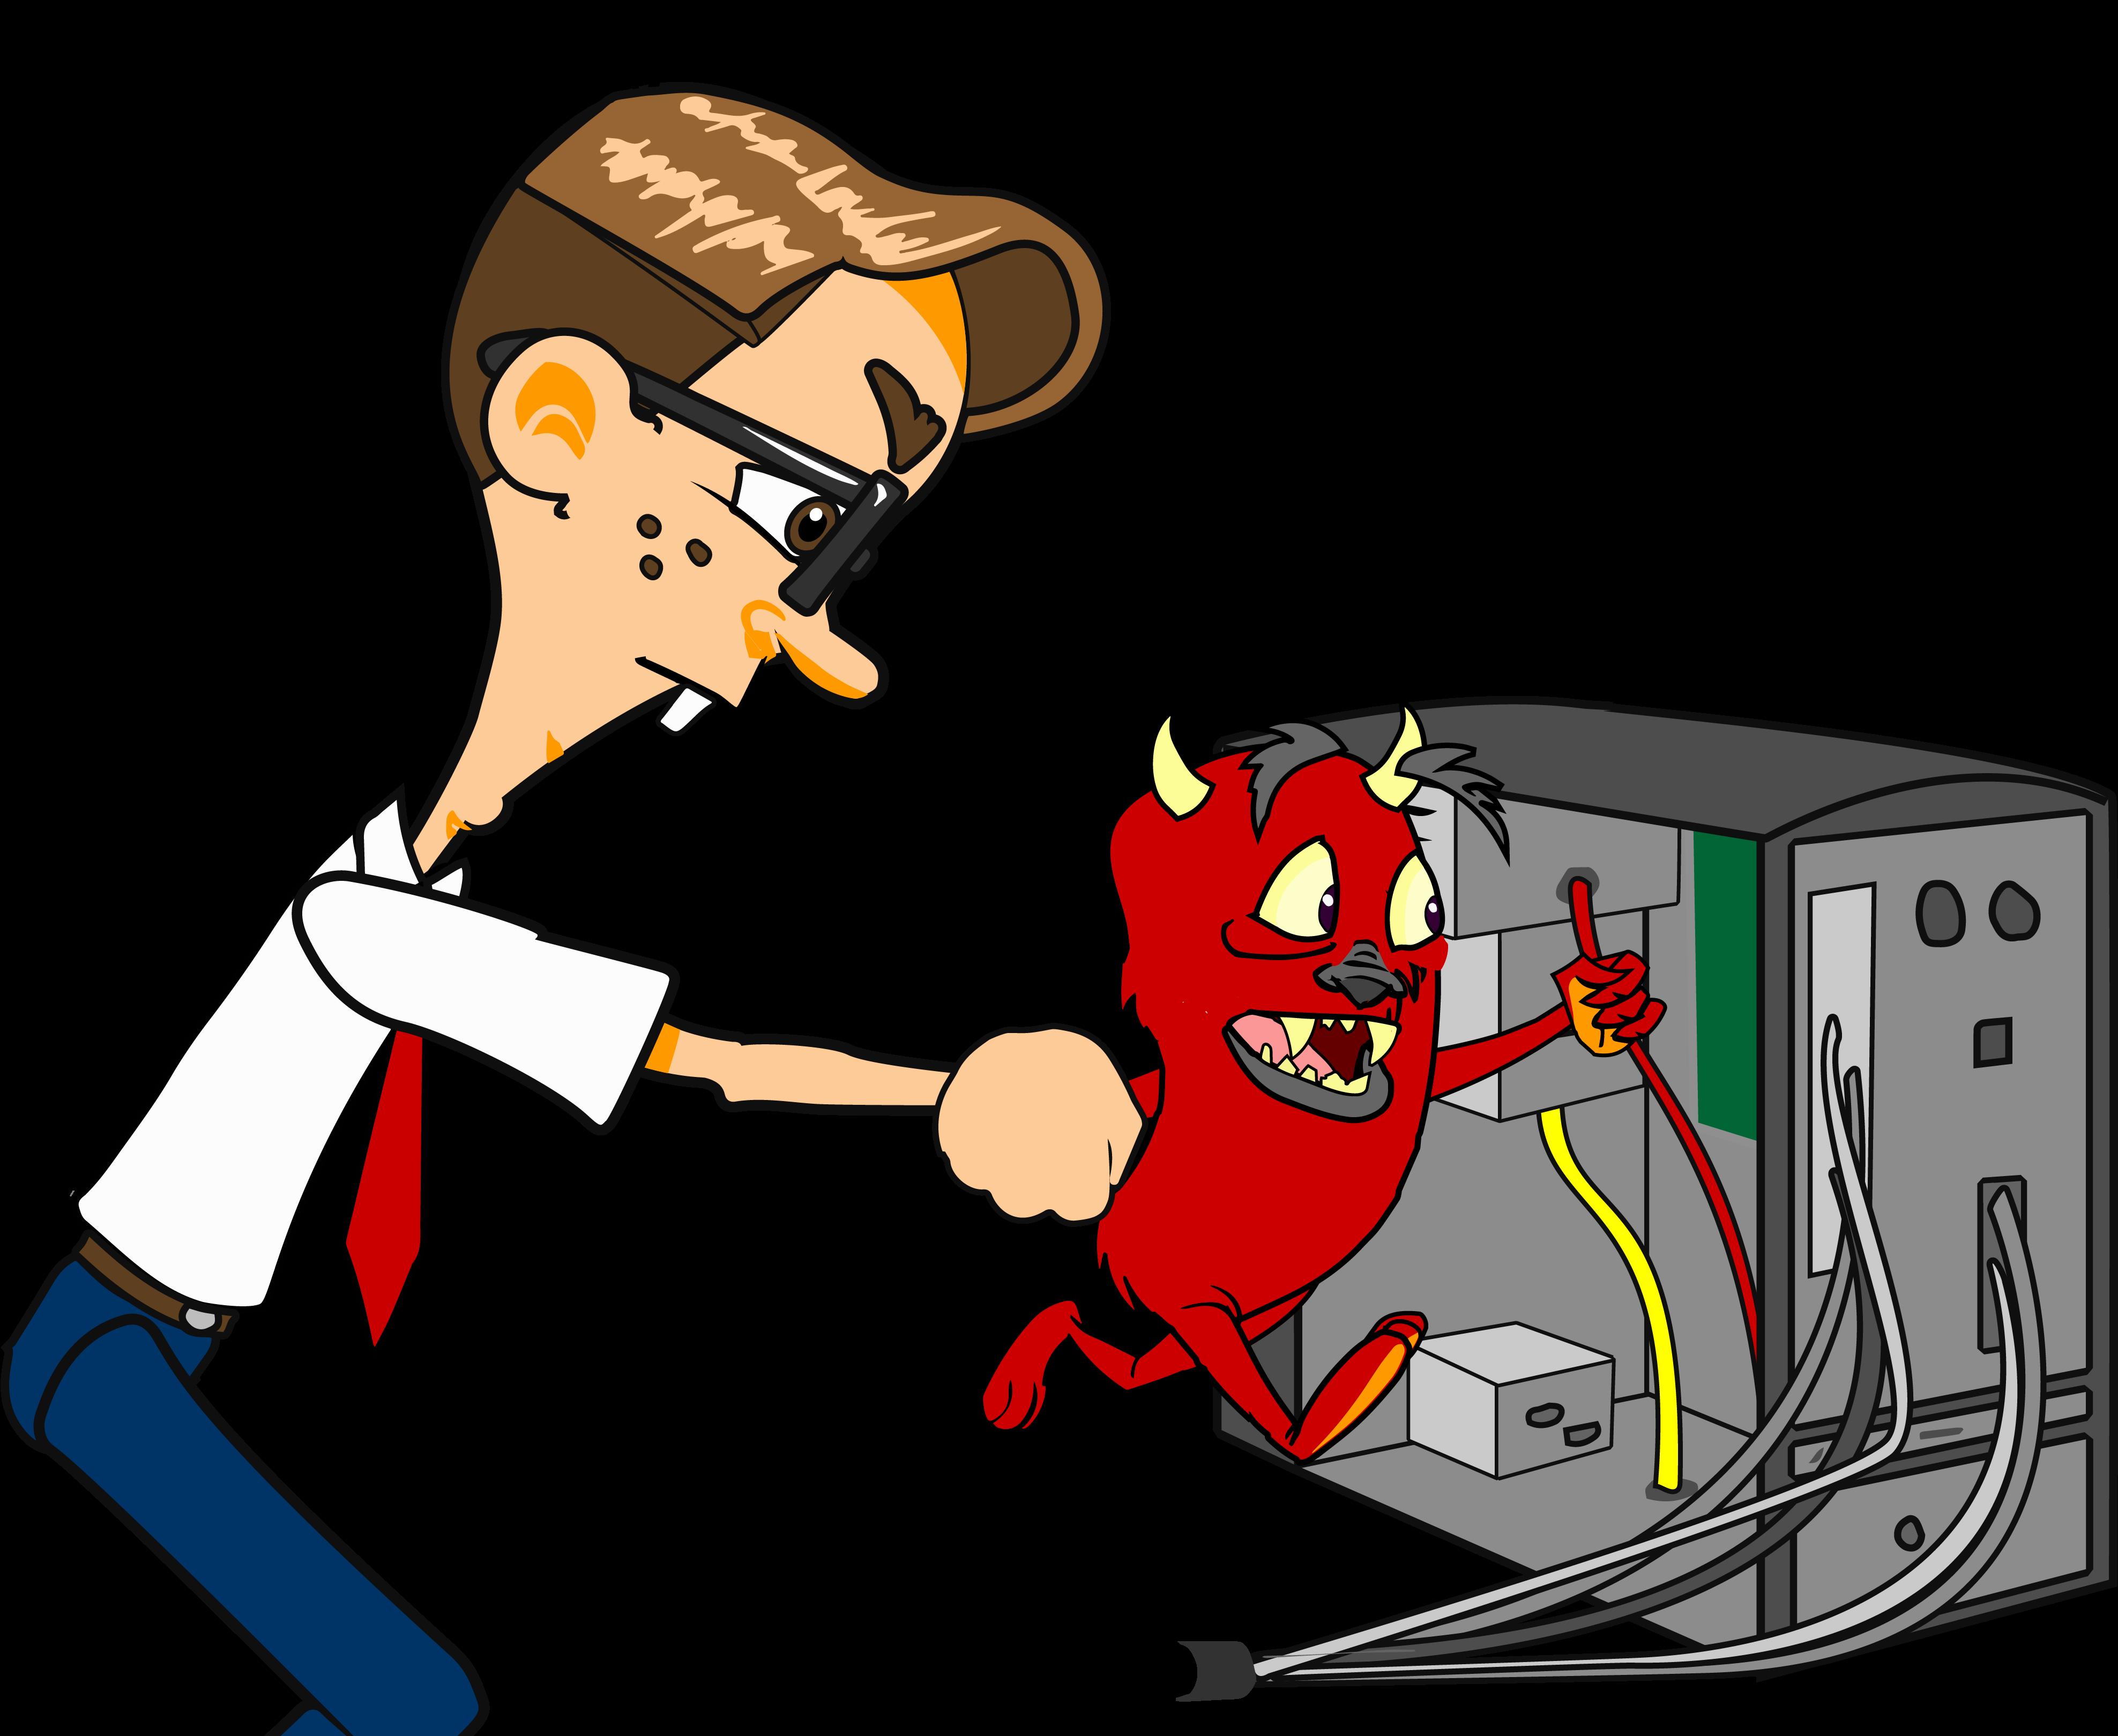 Смешные картинки тему компьютеров, железнодорожника открытки анимация